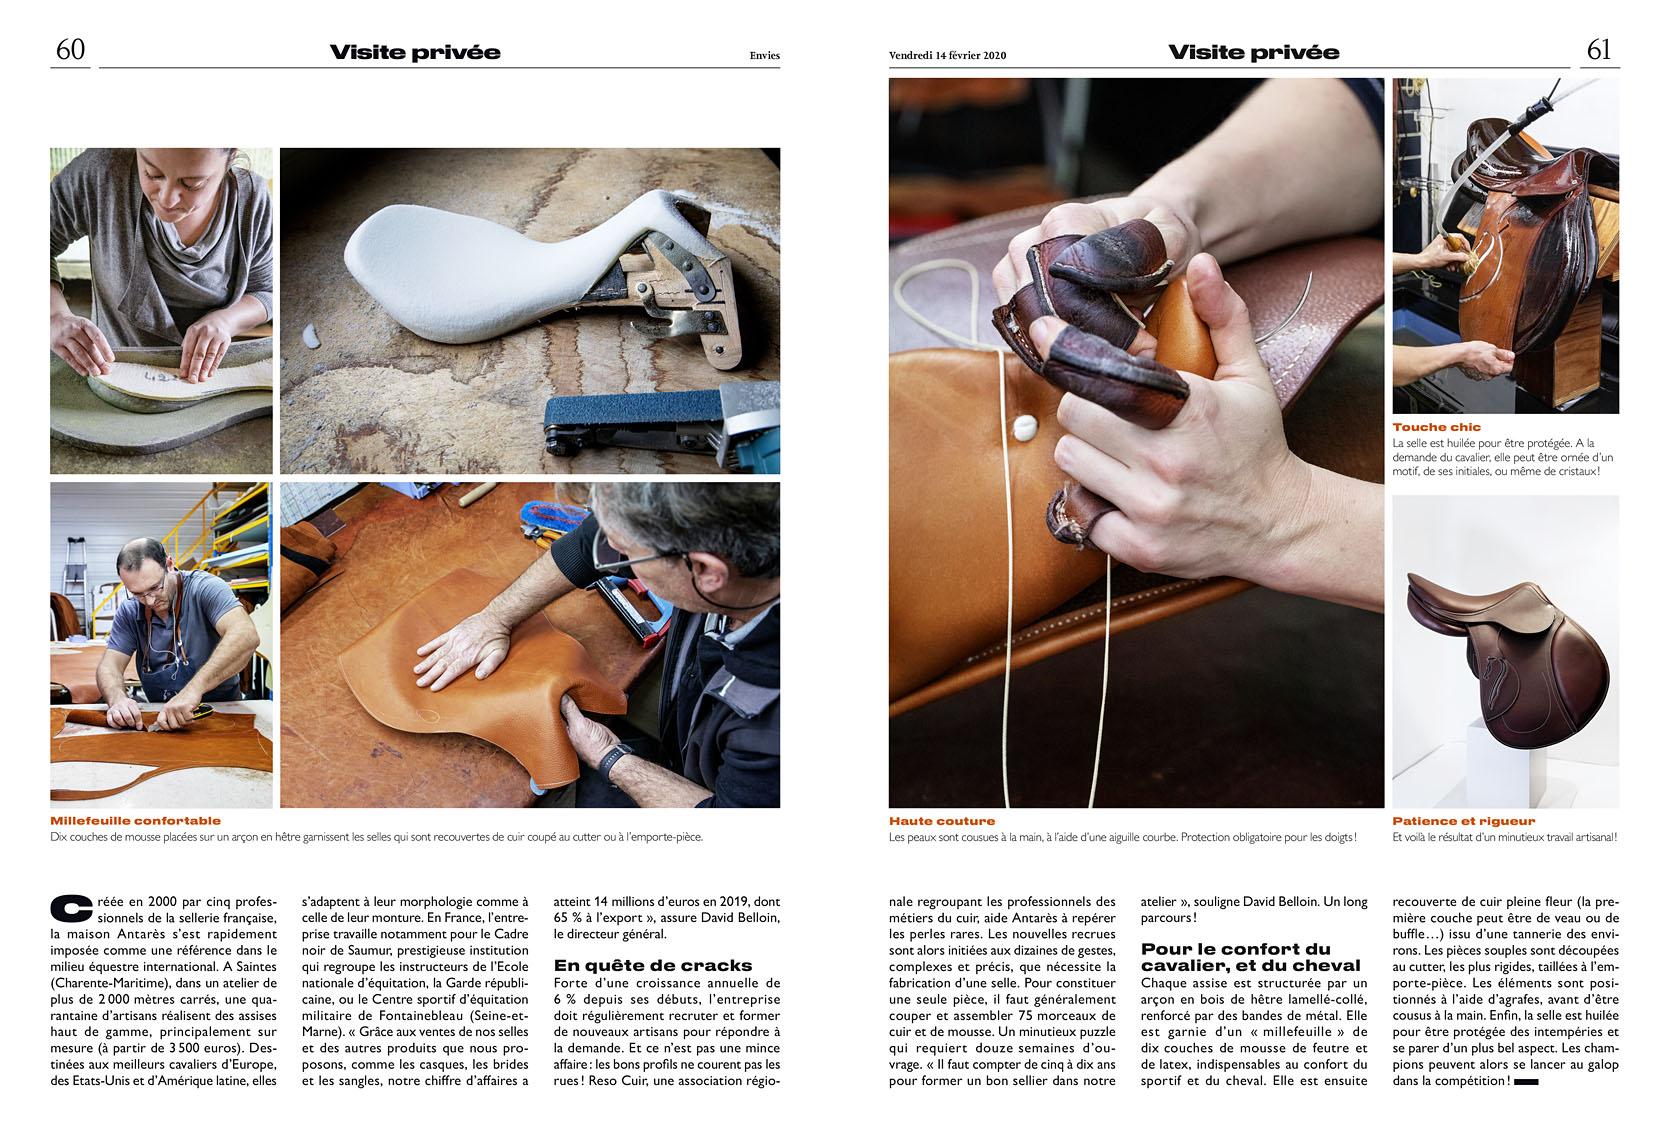 Le Parisien Week-end du 14 février Visite privée de la sellerie Antarès. Article Hélène Brunet-Rivaillon.